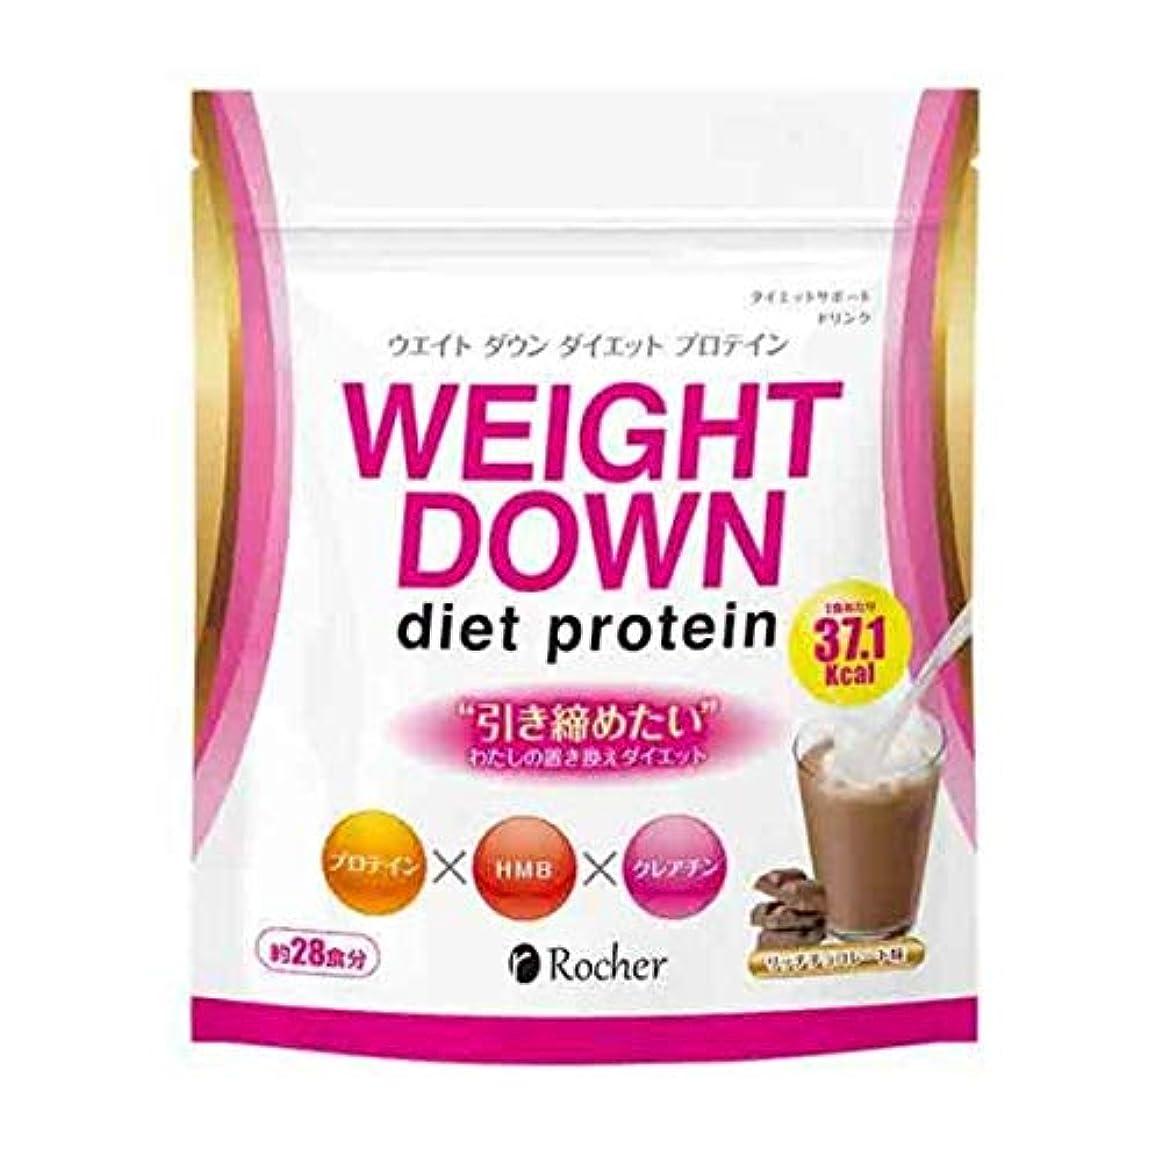 アクセント恥ずかしさアシストウェイトダウン ダイエットプロテイン 置き換えダイエット!栄養バランを考えて作られたダイエットプロテイン